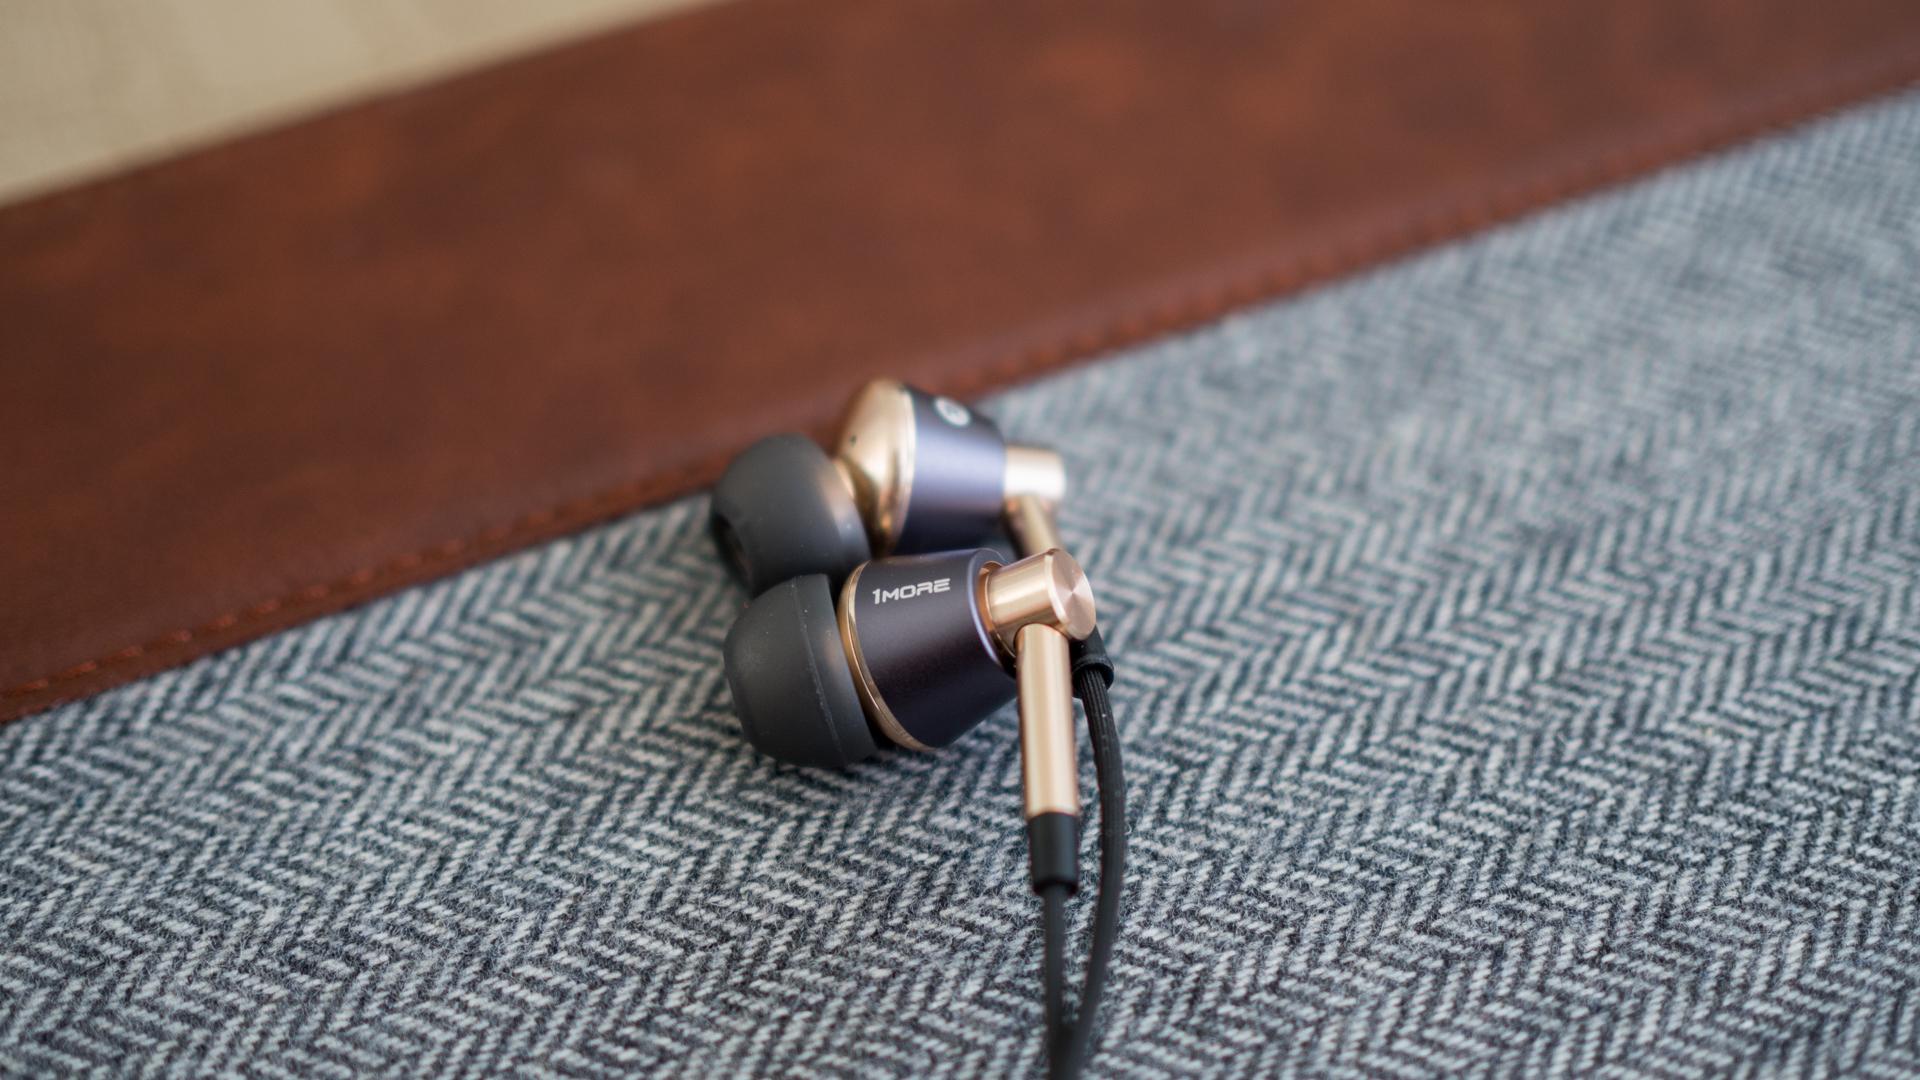 best earbuds 2019: best in-ear VhxmDn4VCz7CUcwjorYh